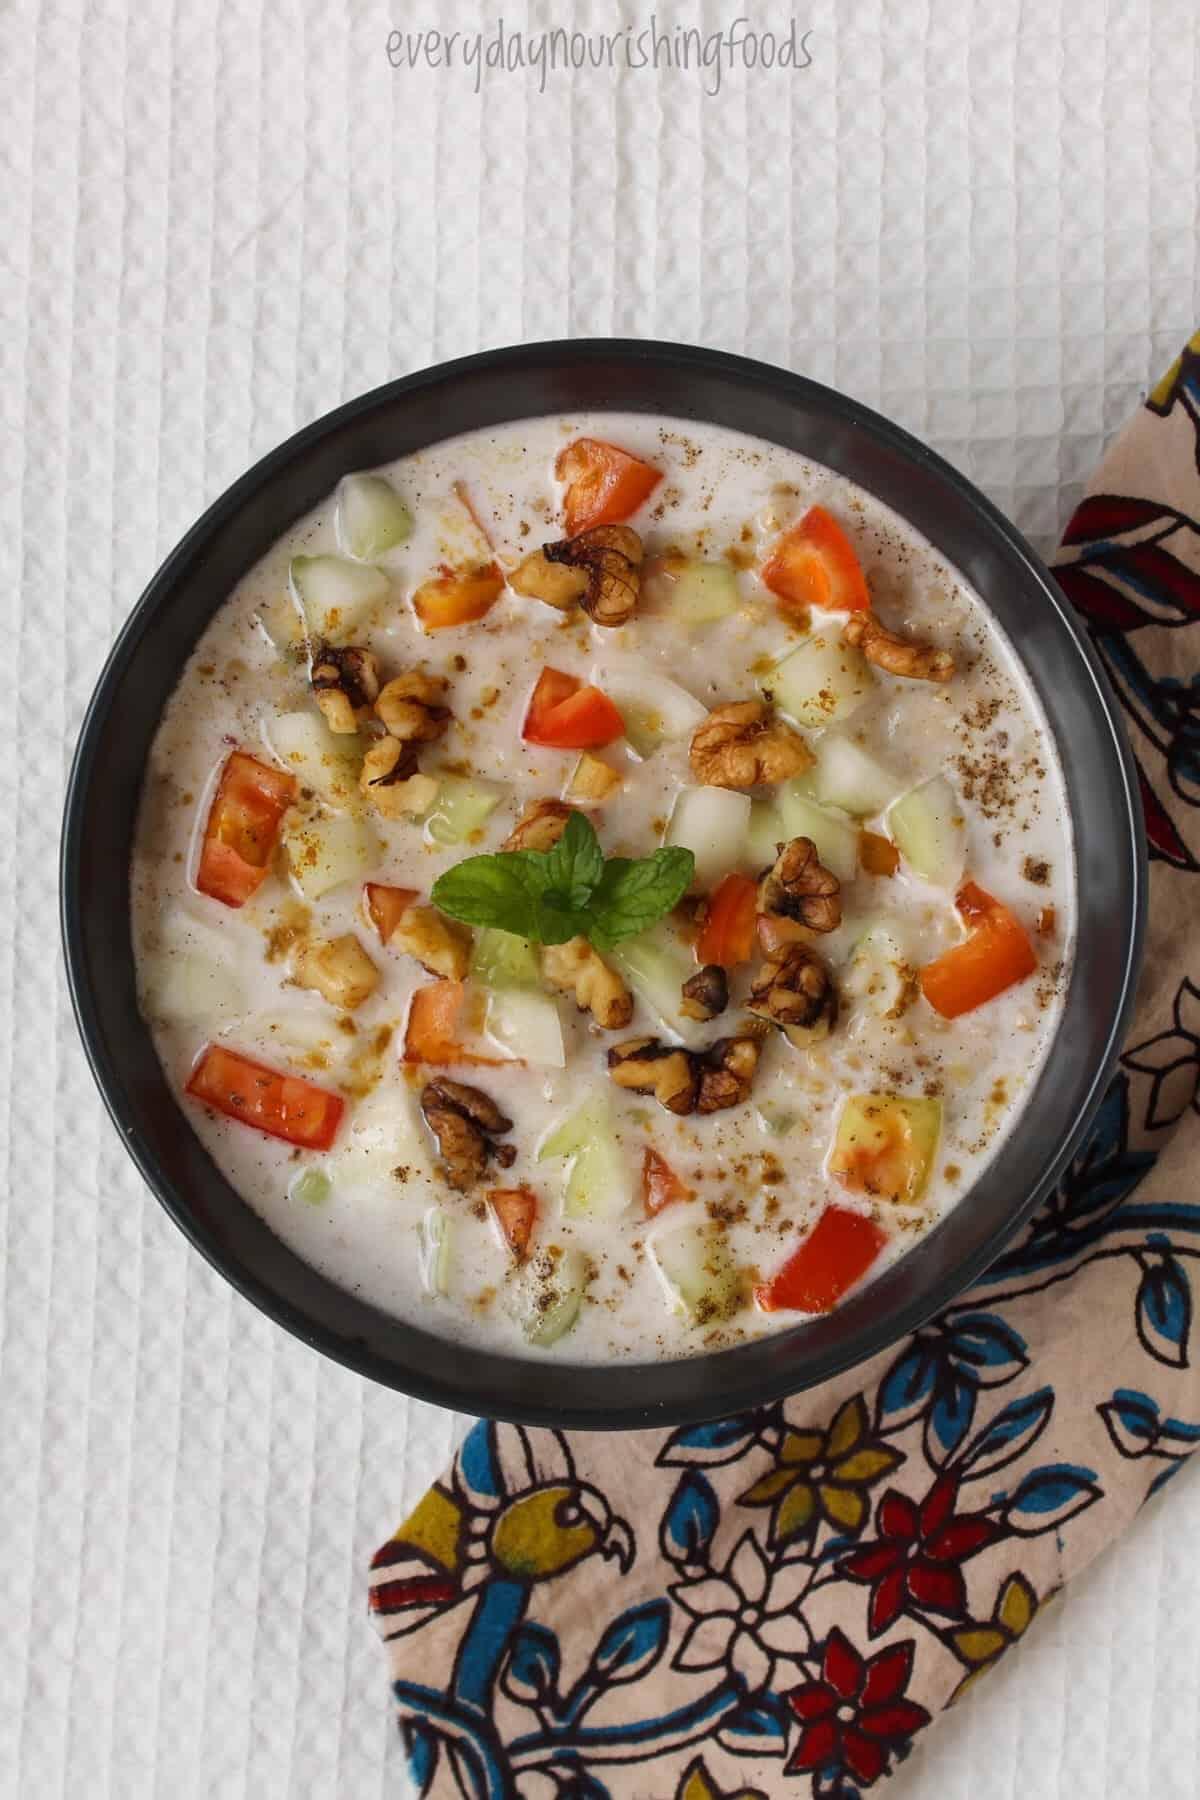 savory steel cut oats in a bowl